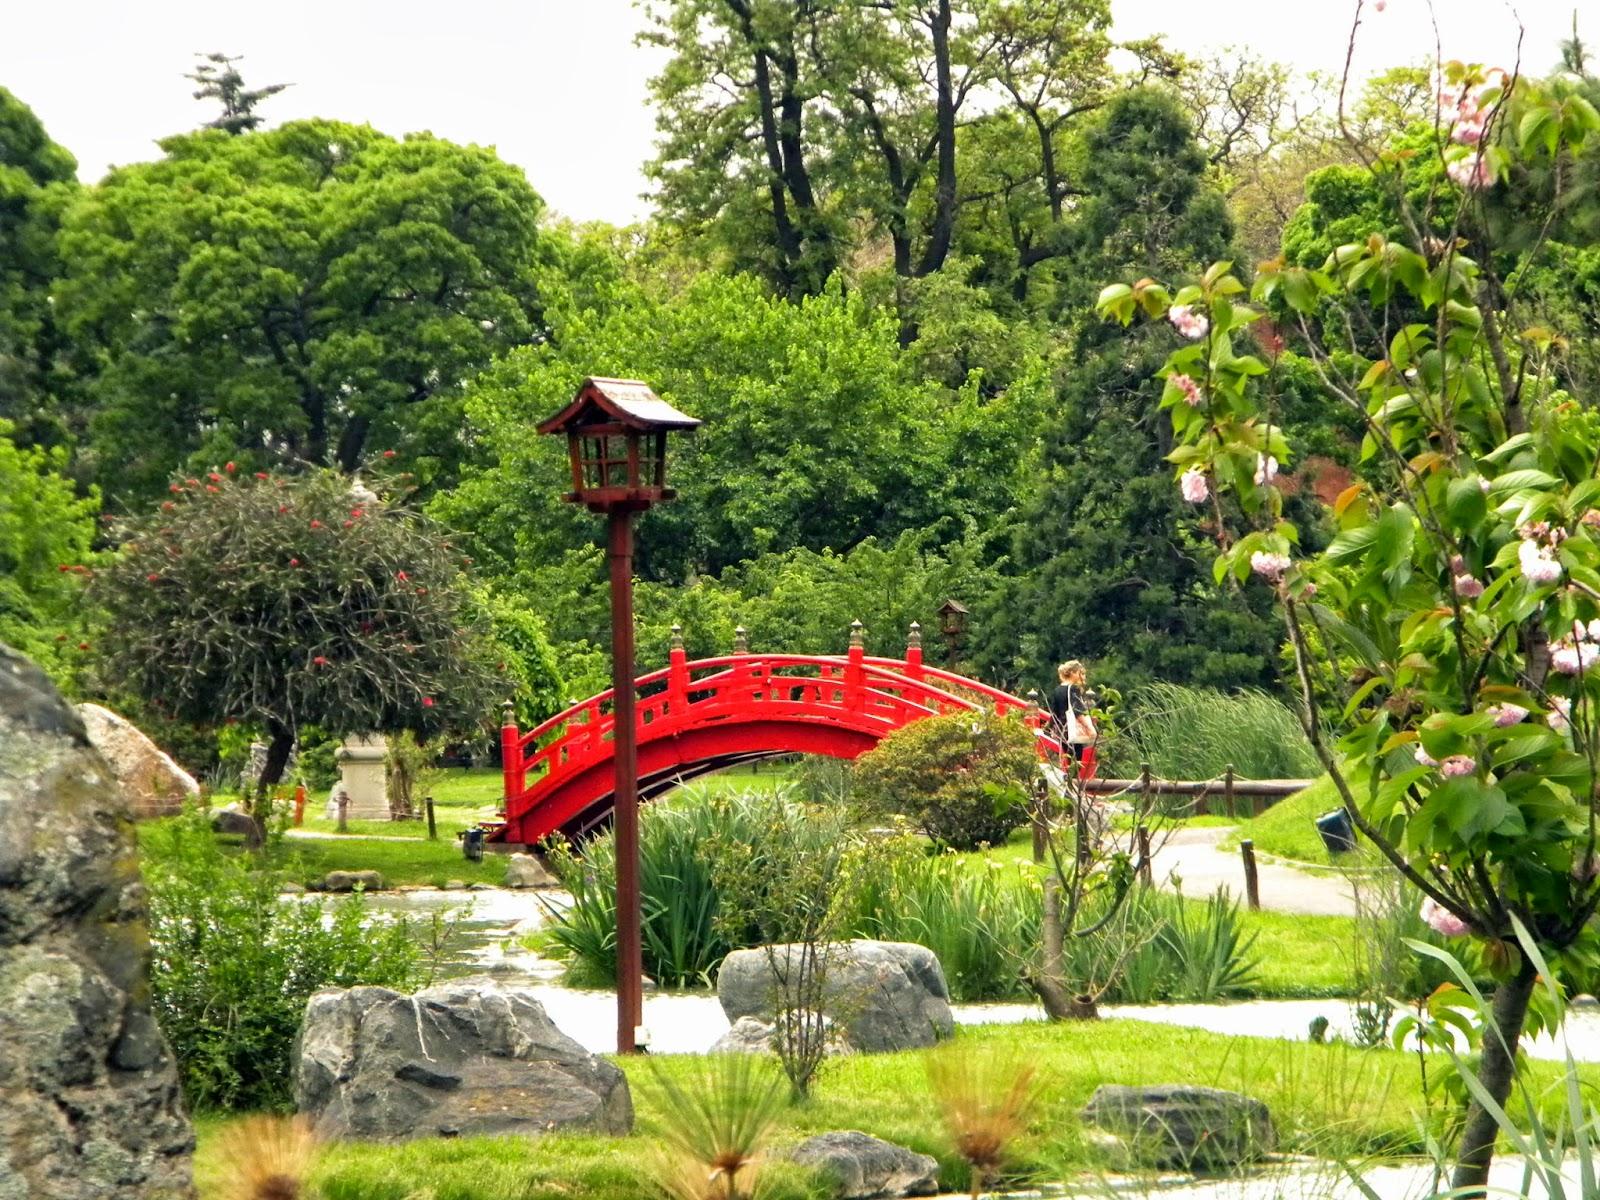 Explorador tur stico jard n japon s for Resto jardin japones